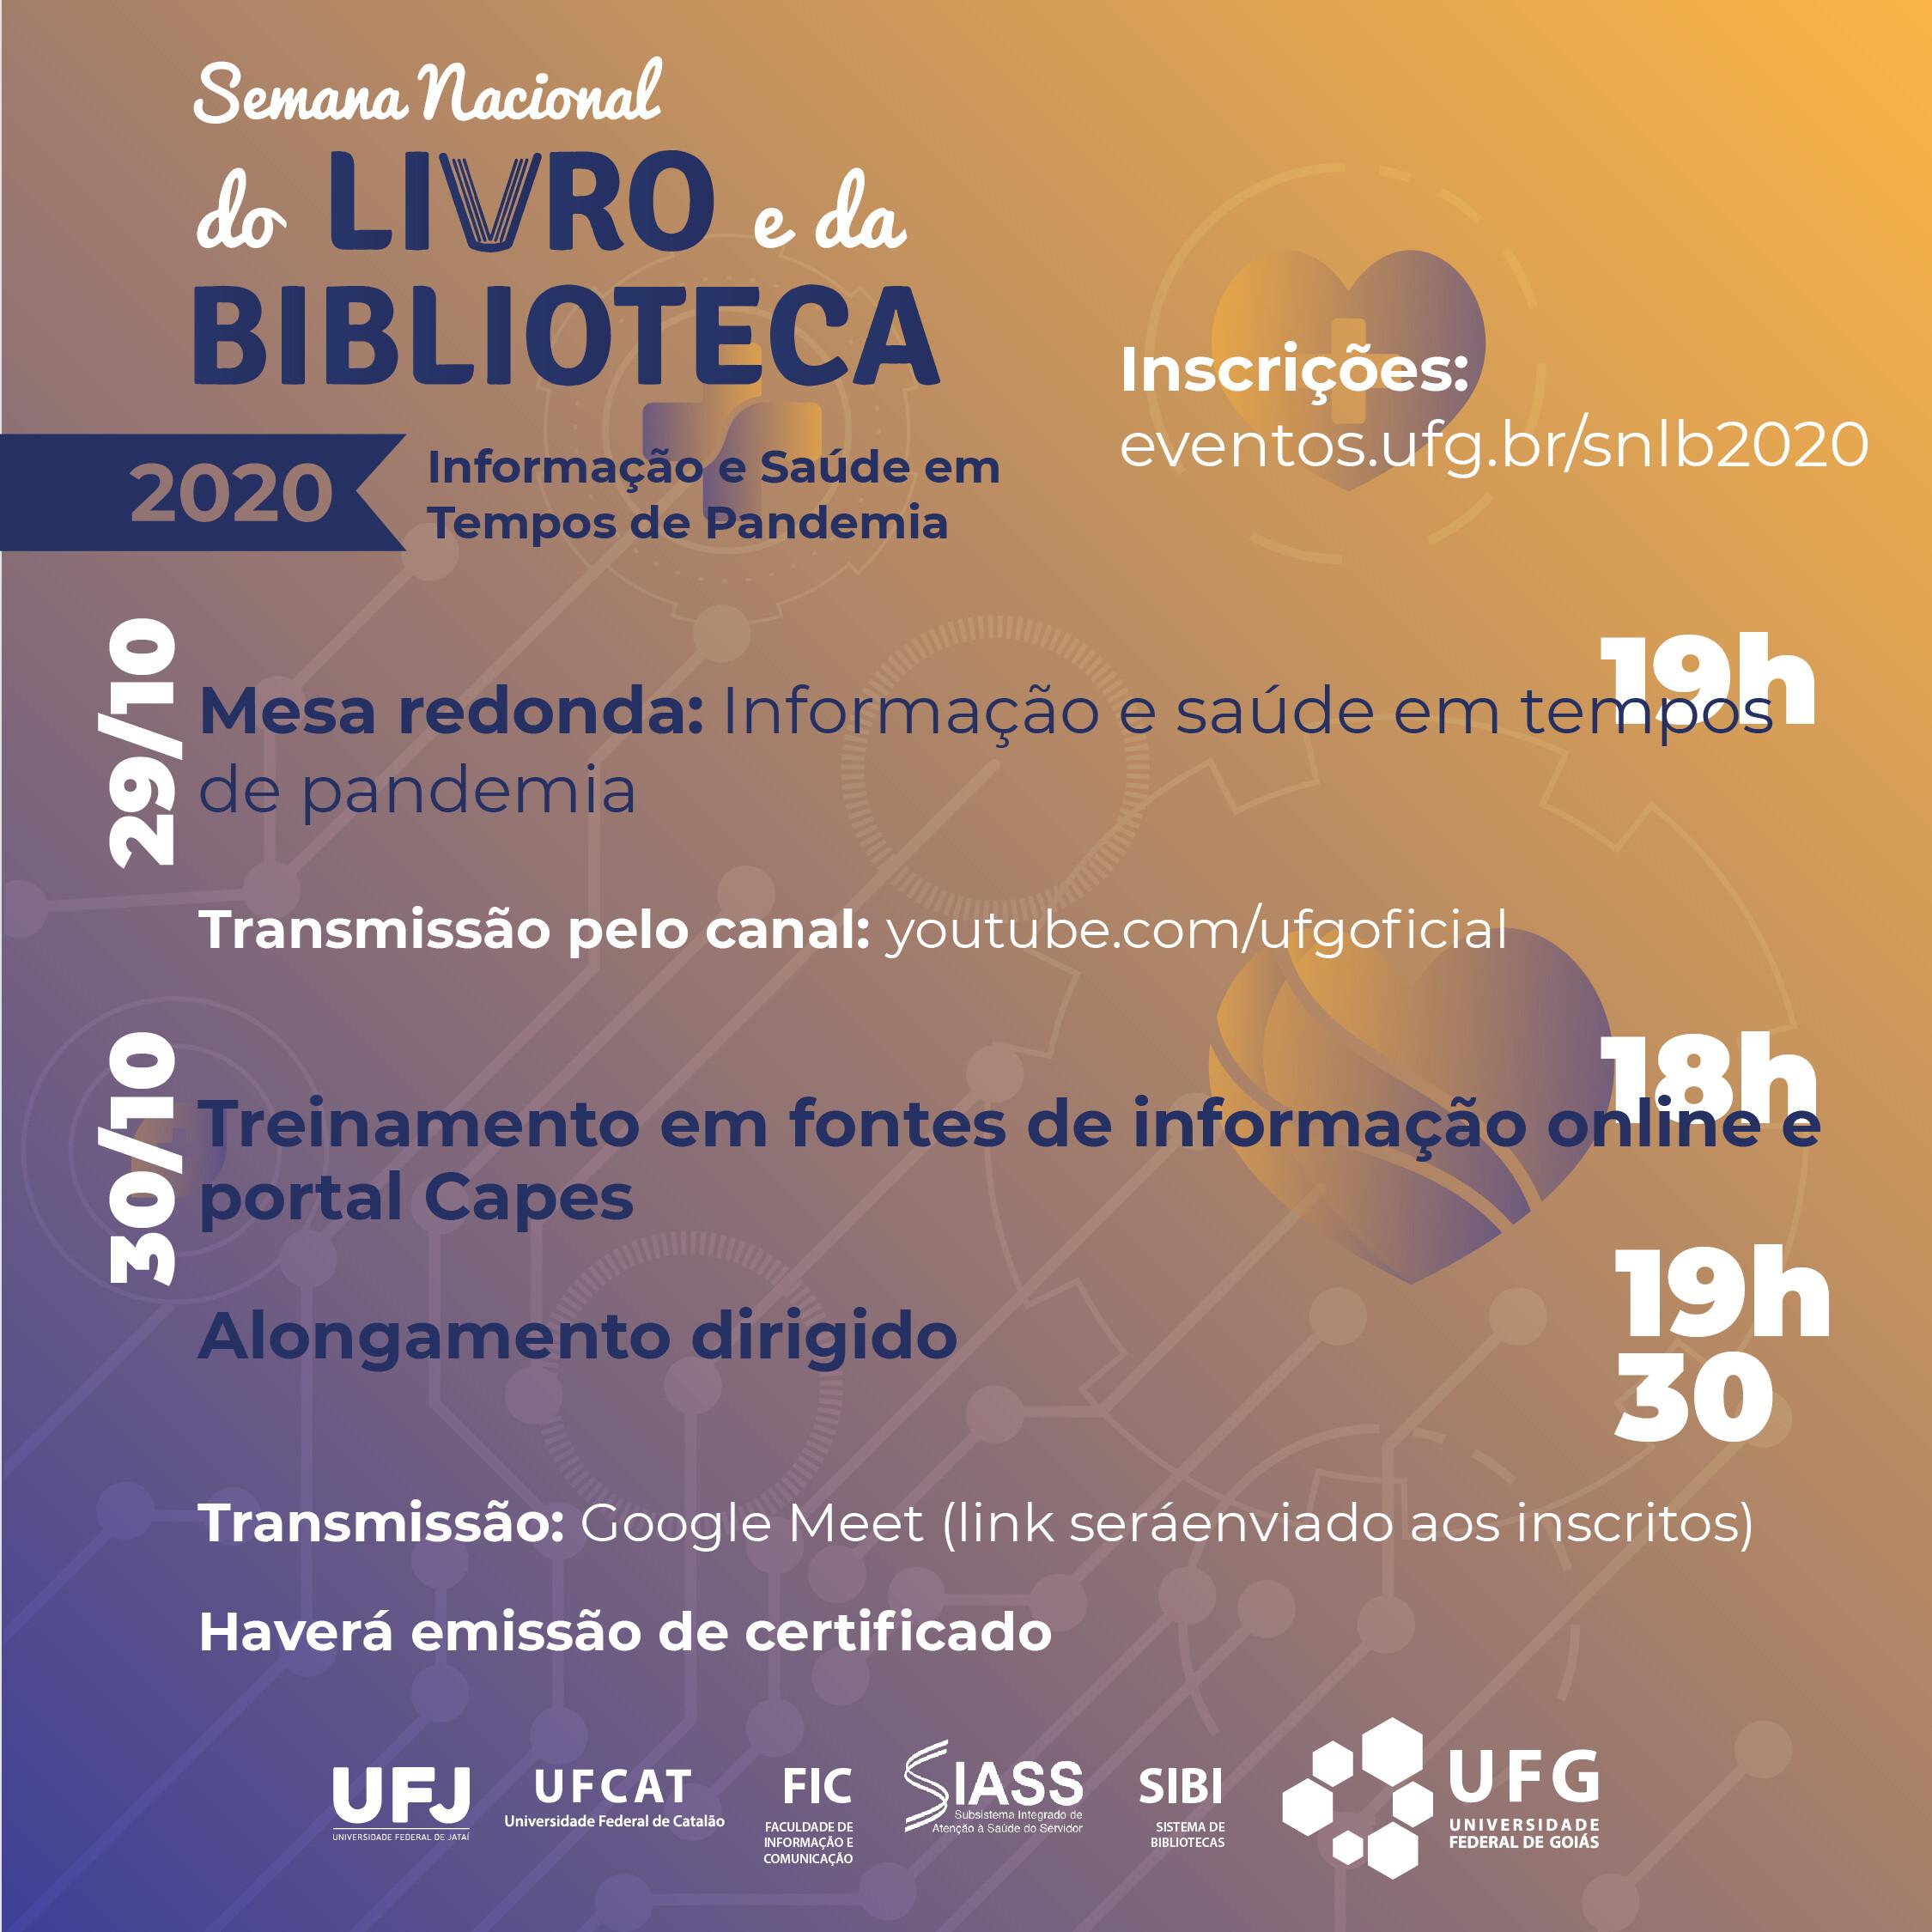 Semana Nacional do Livro e da Biblioteca 2020 (1)